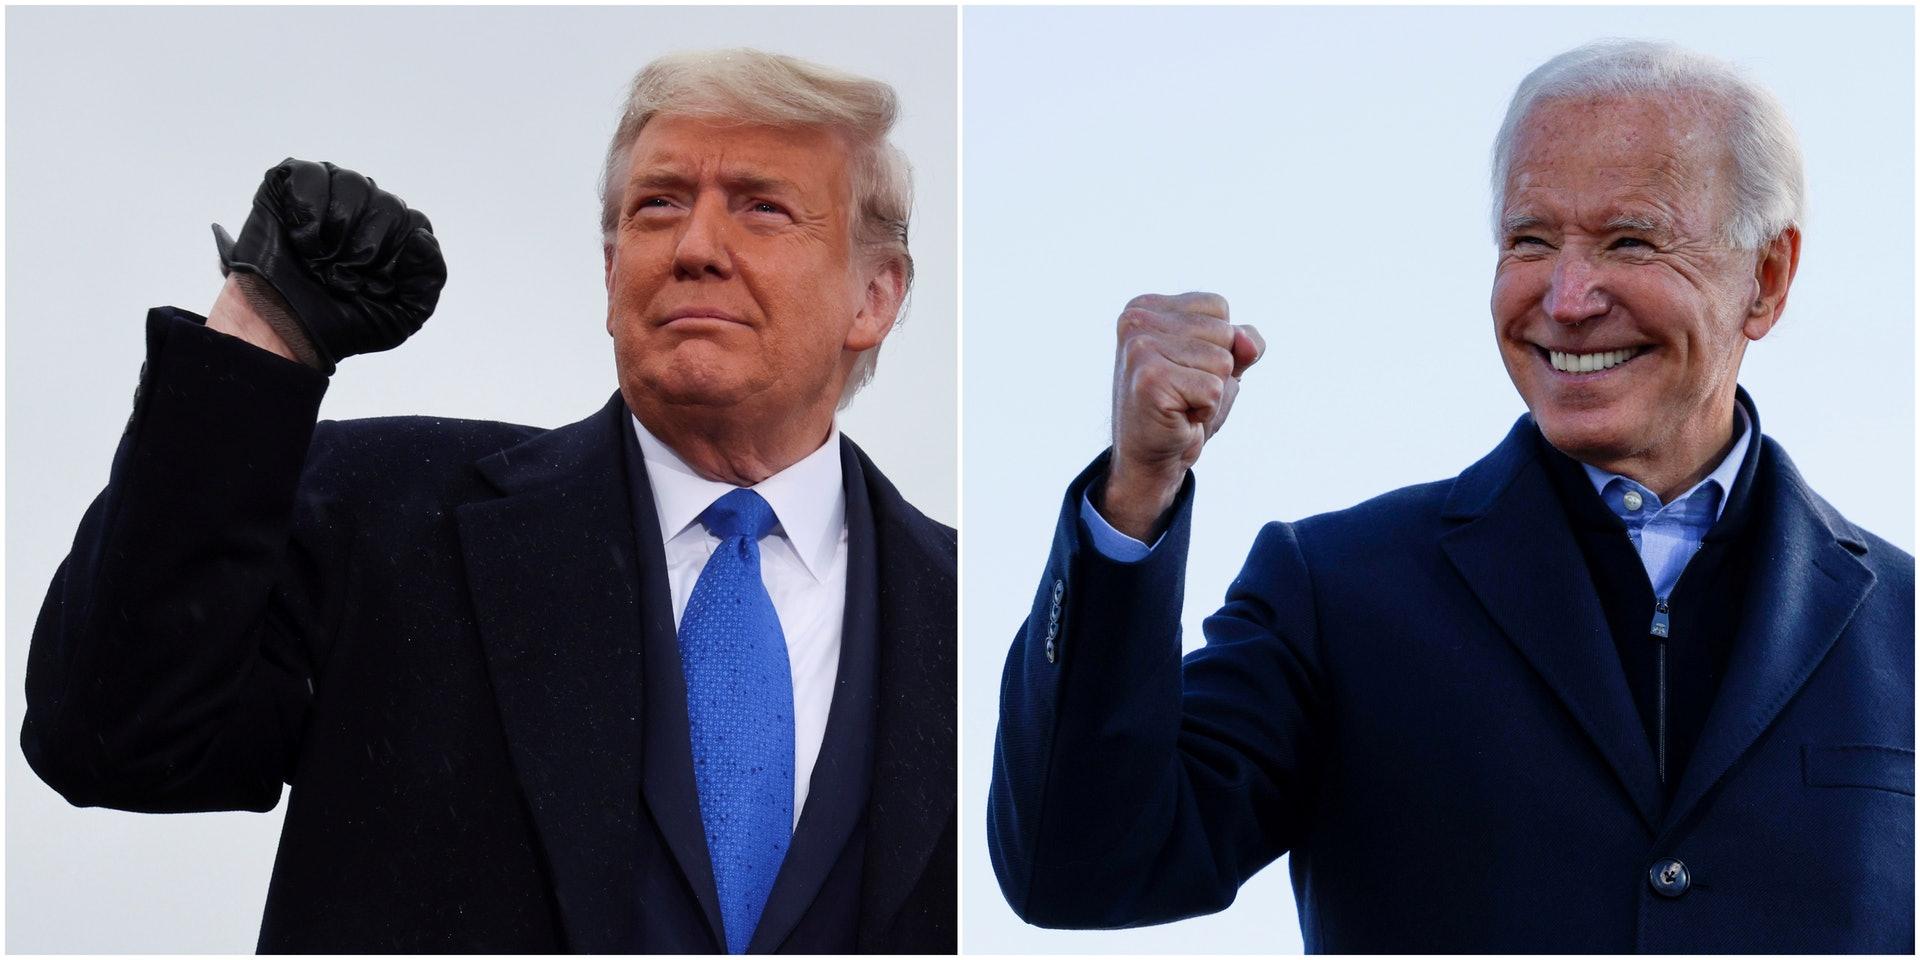 對於中國來說,特朗普(左)與拜登(右)誰才是一個好的美國總統?中國社會正為此經歷一場爭論。(Reuters)